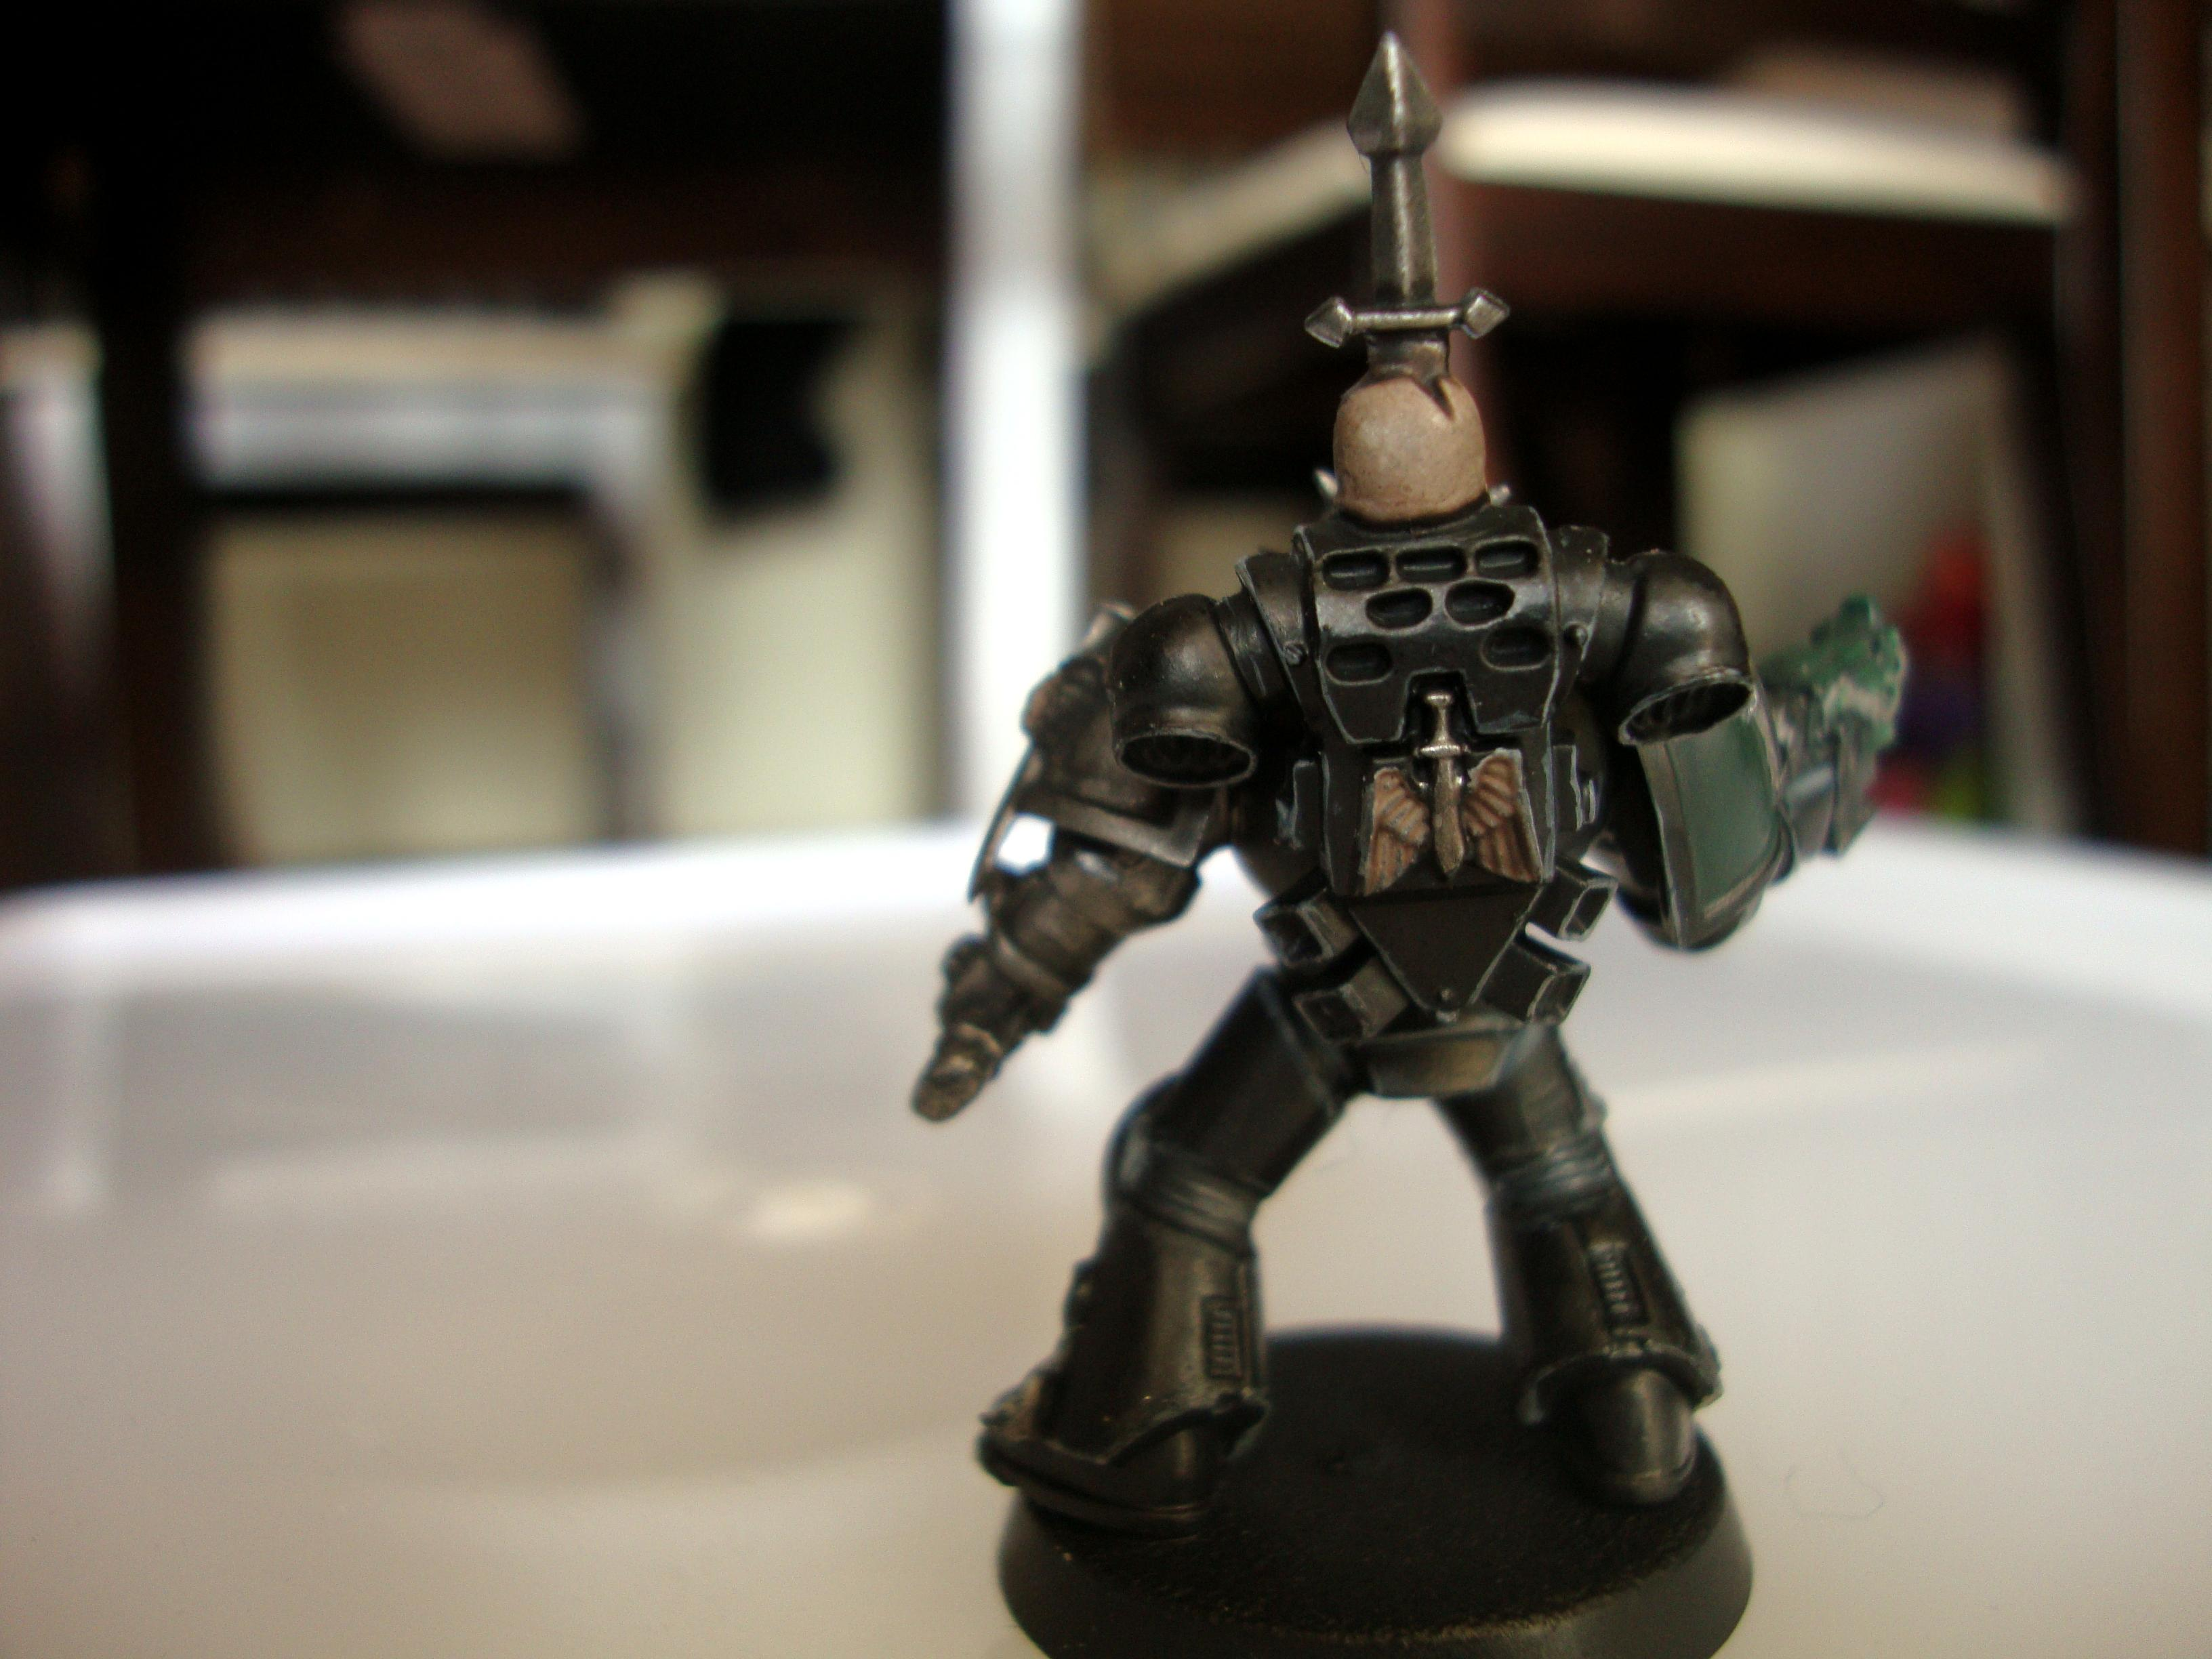 Dark Angels, Deathwatch, Space Marines